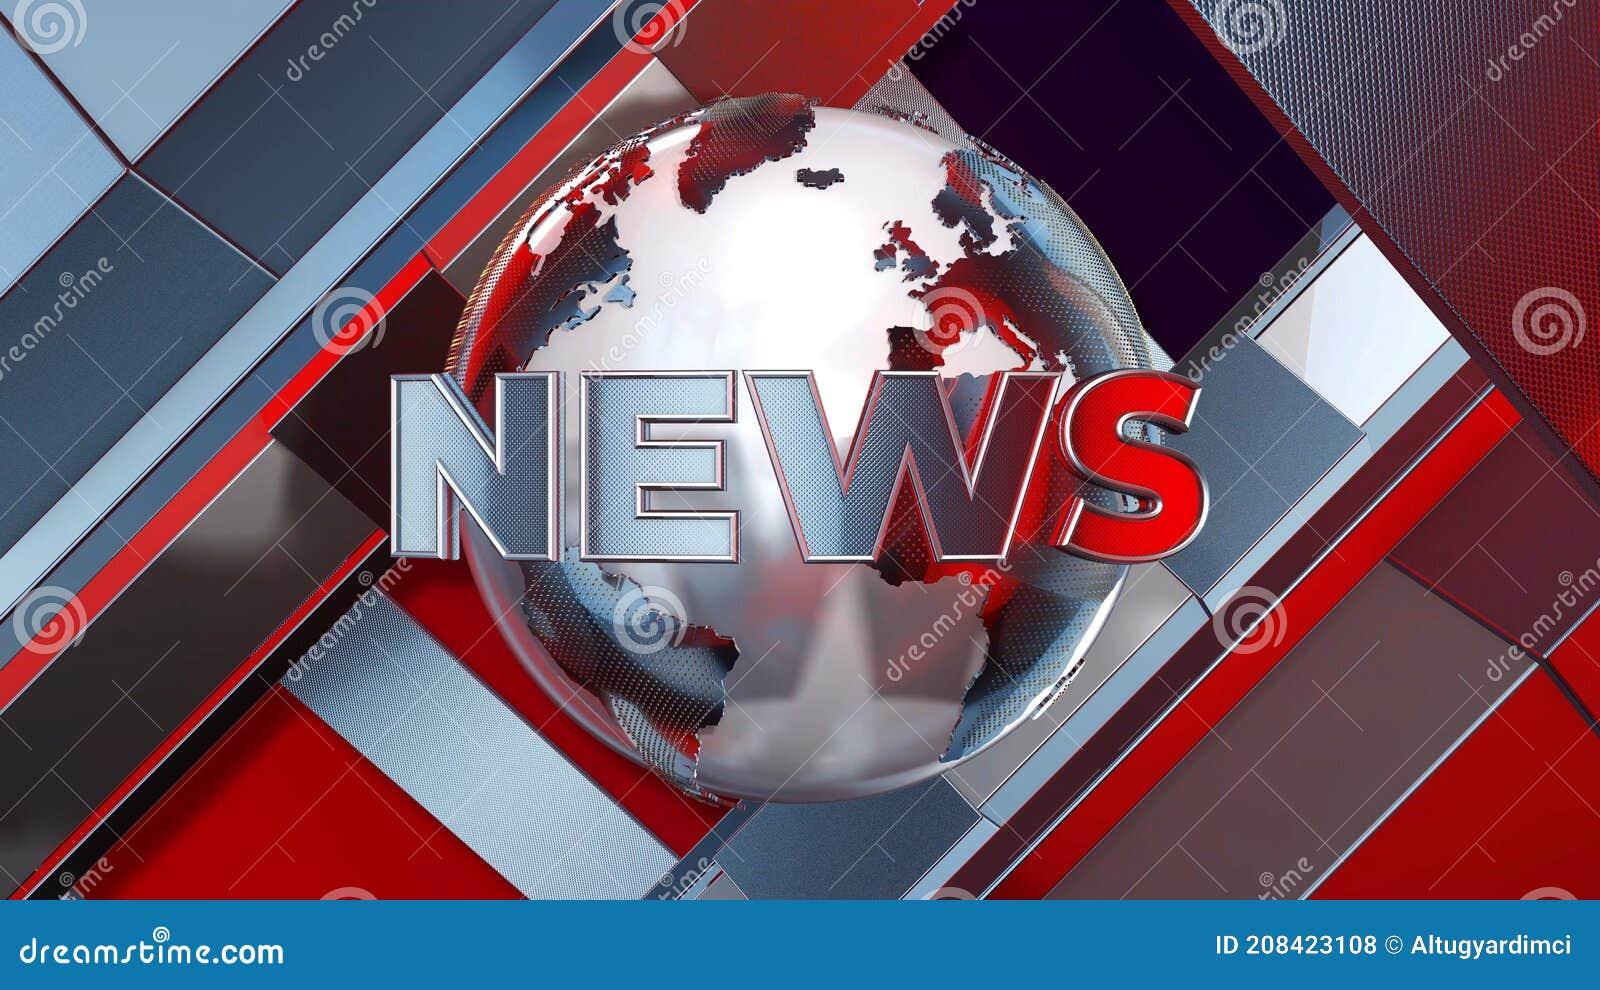 ABC World News Now (@abcWNN) - Twitter